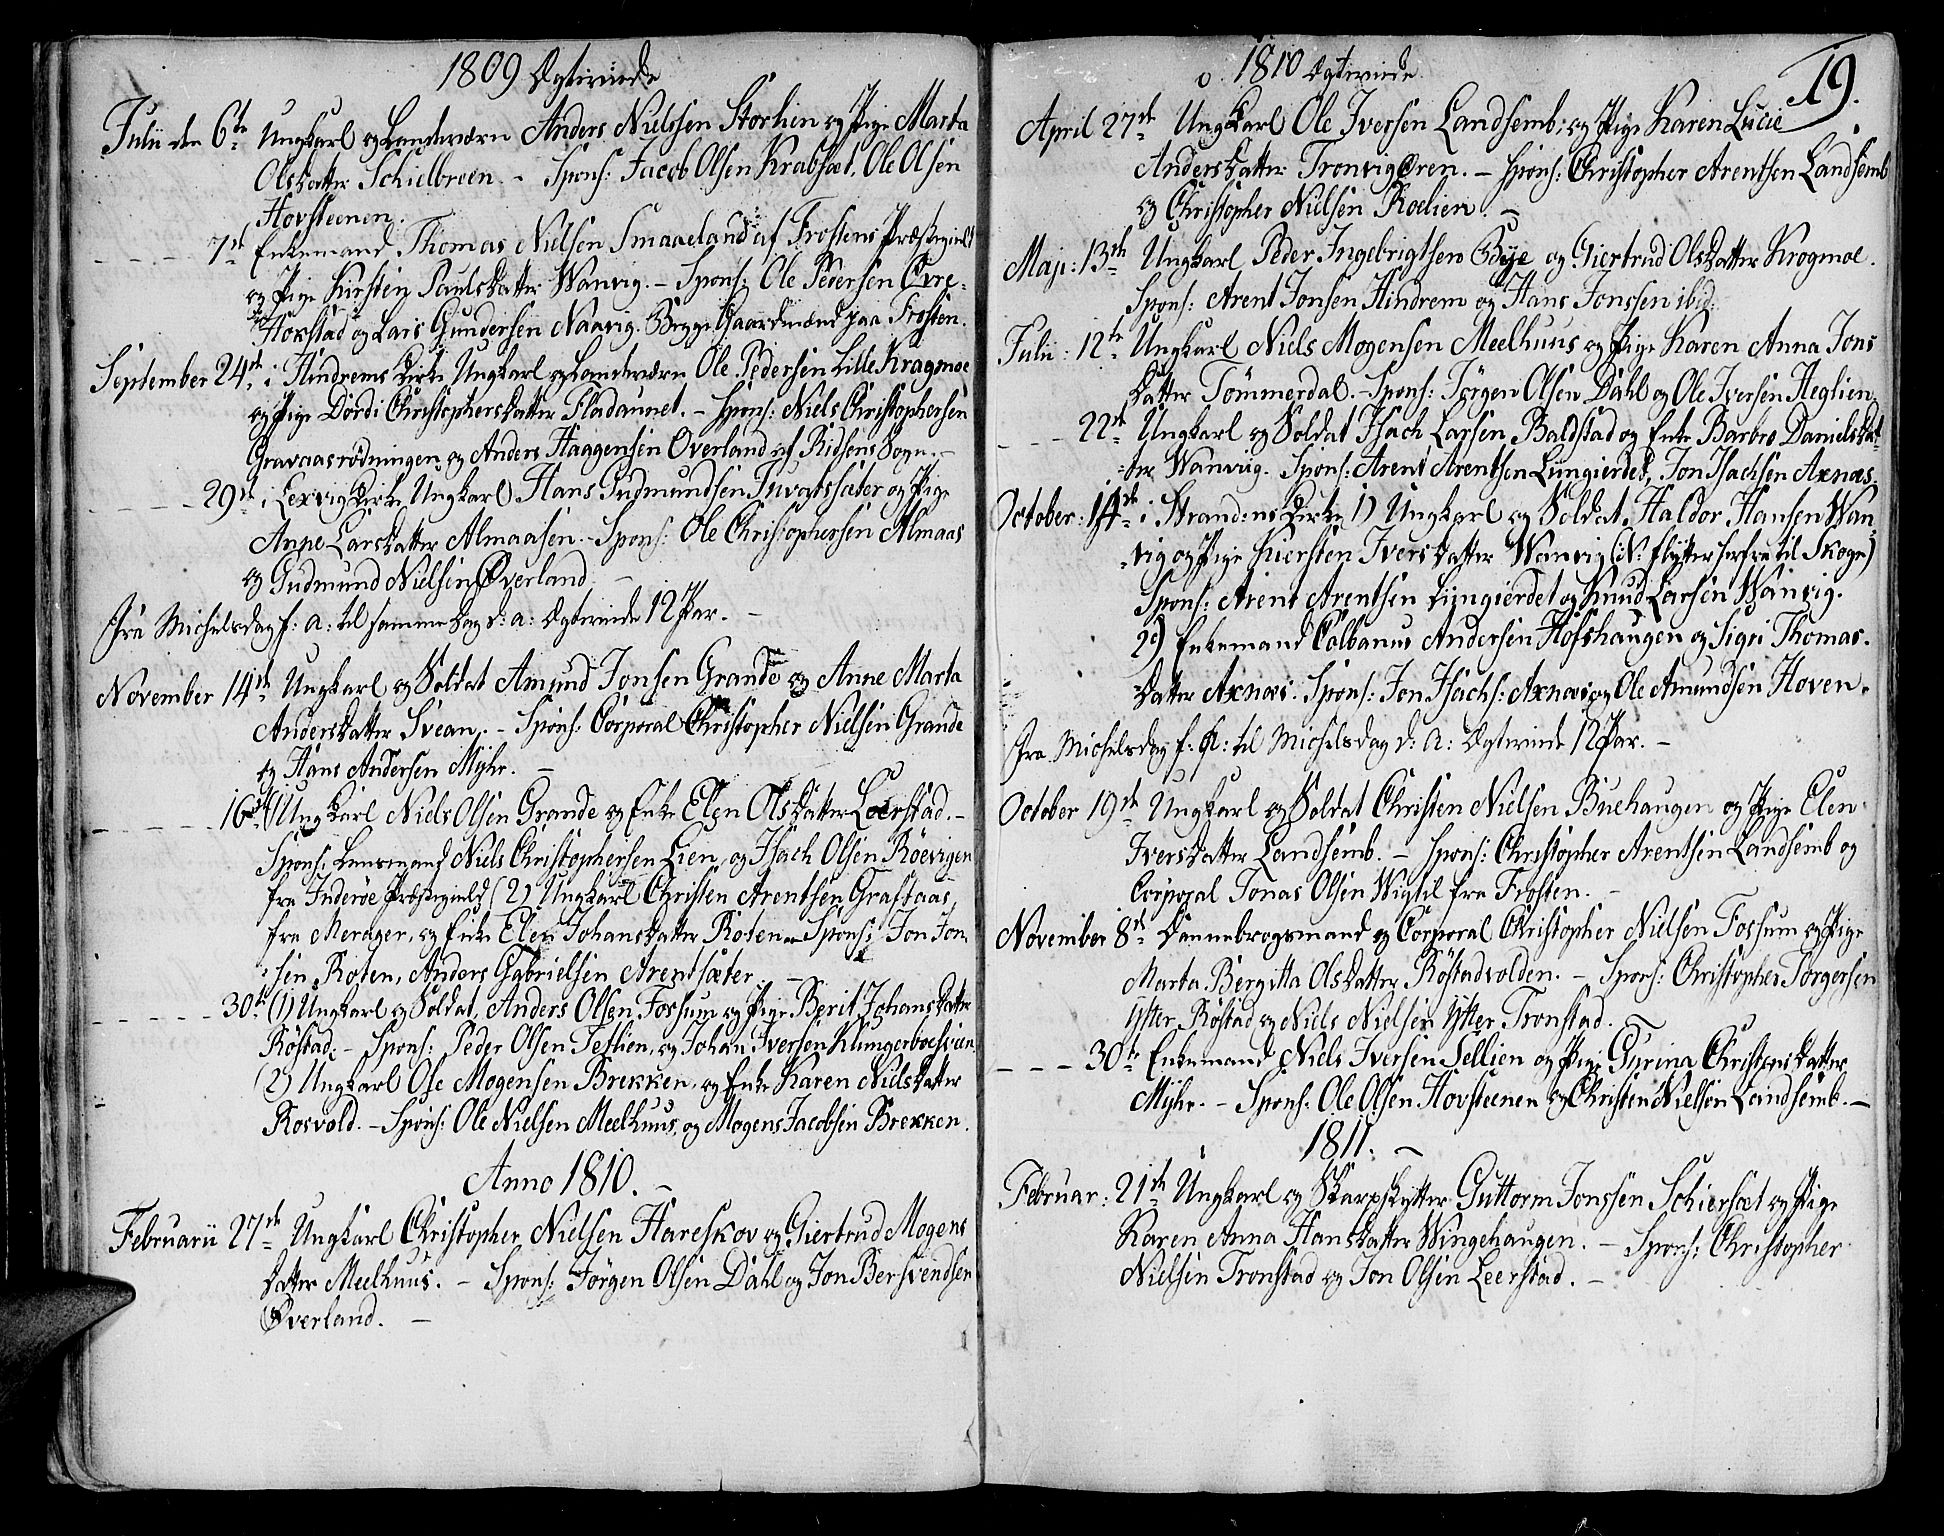 SAT, Ministerialprotokoller, klokkerbøker og fødselsregistre - Nord-Trøndelag, 701/L0004: Ministerialbok nr. 701A04, 1783-1816, s. 19